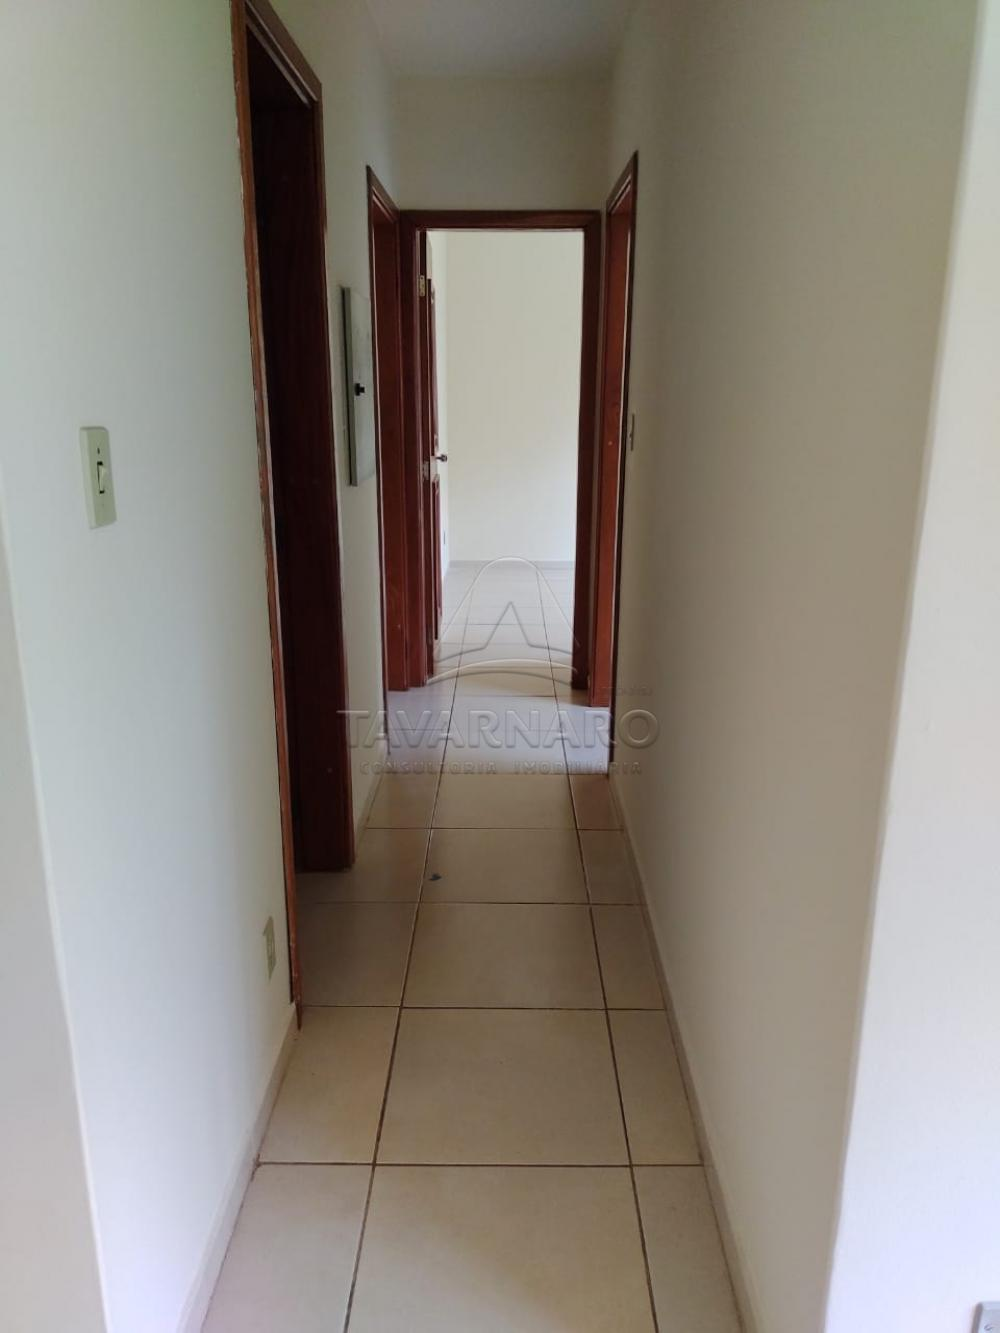 Alugar Apartamento / Padrão em Ponta Grossa apenas R$ 820,00 - Foto 13